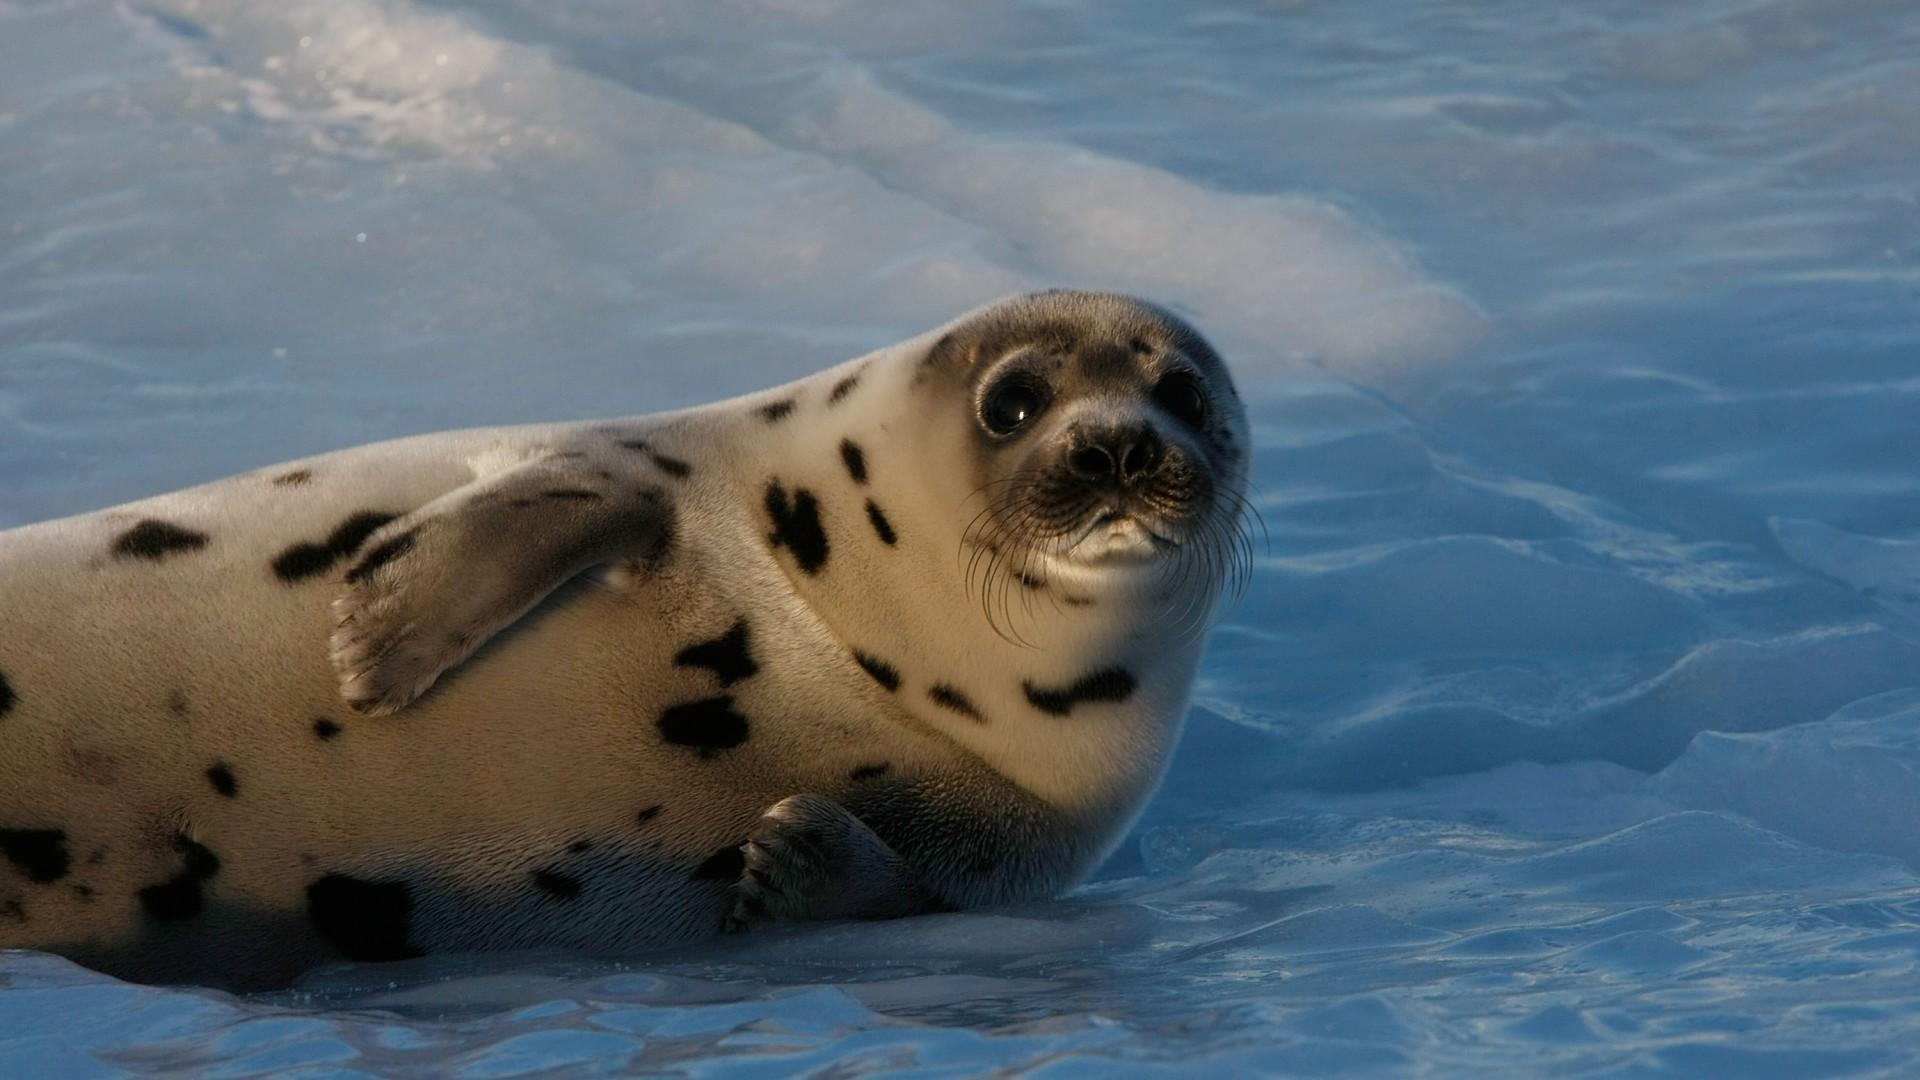 как выглядит тюлень картинка навело